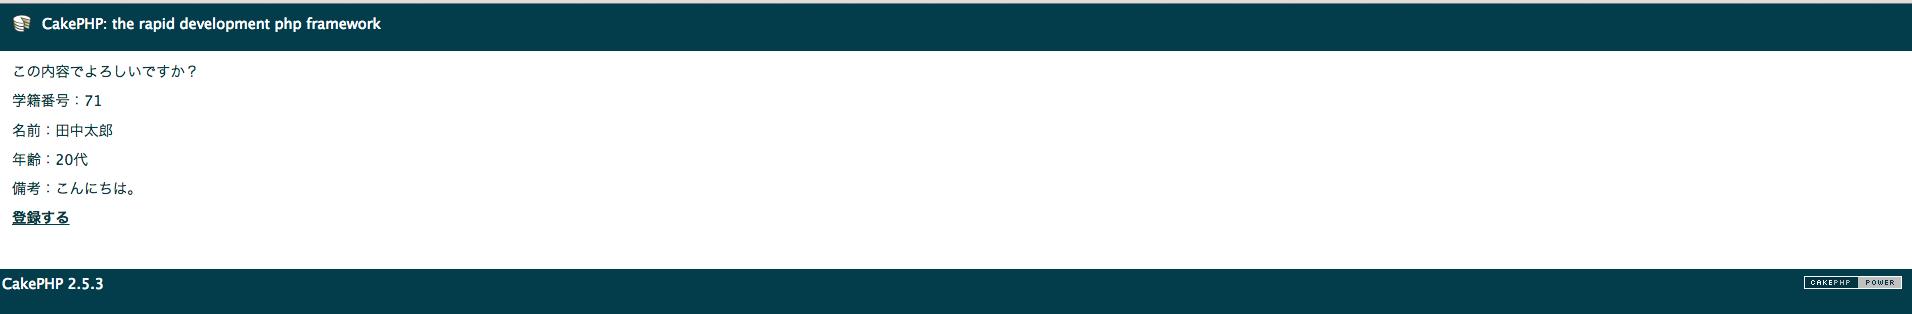 スクリーンショット 2014-09-06 14.15.03(2)